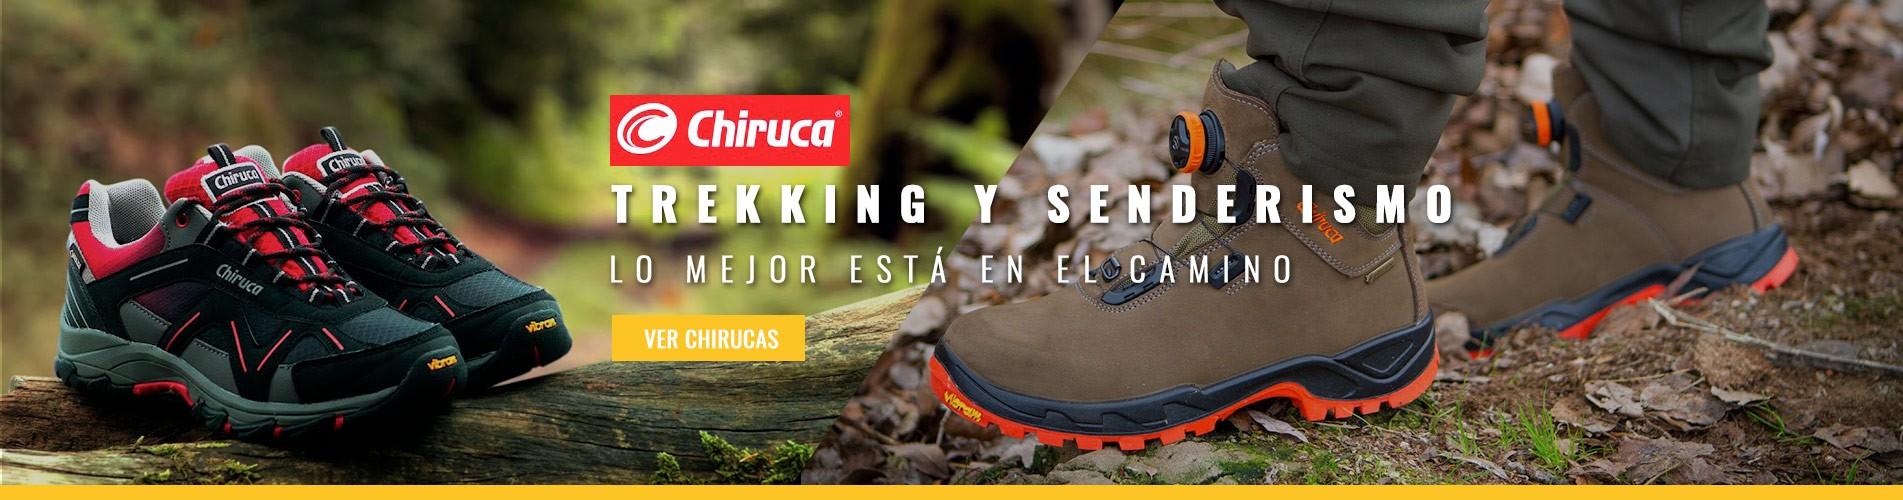 Chiruca treckking y senderismo promoción